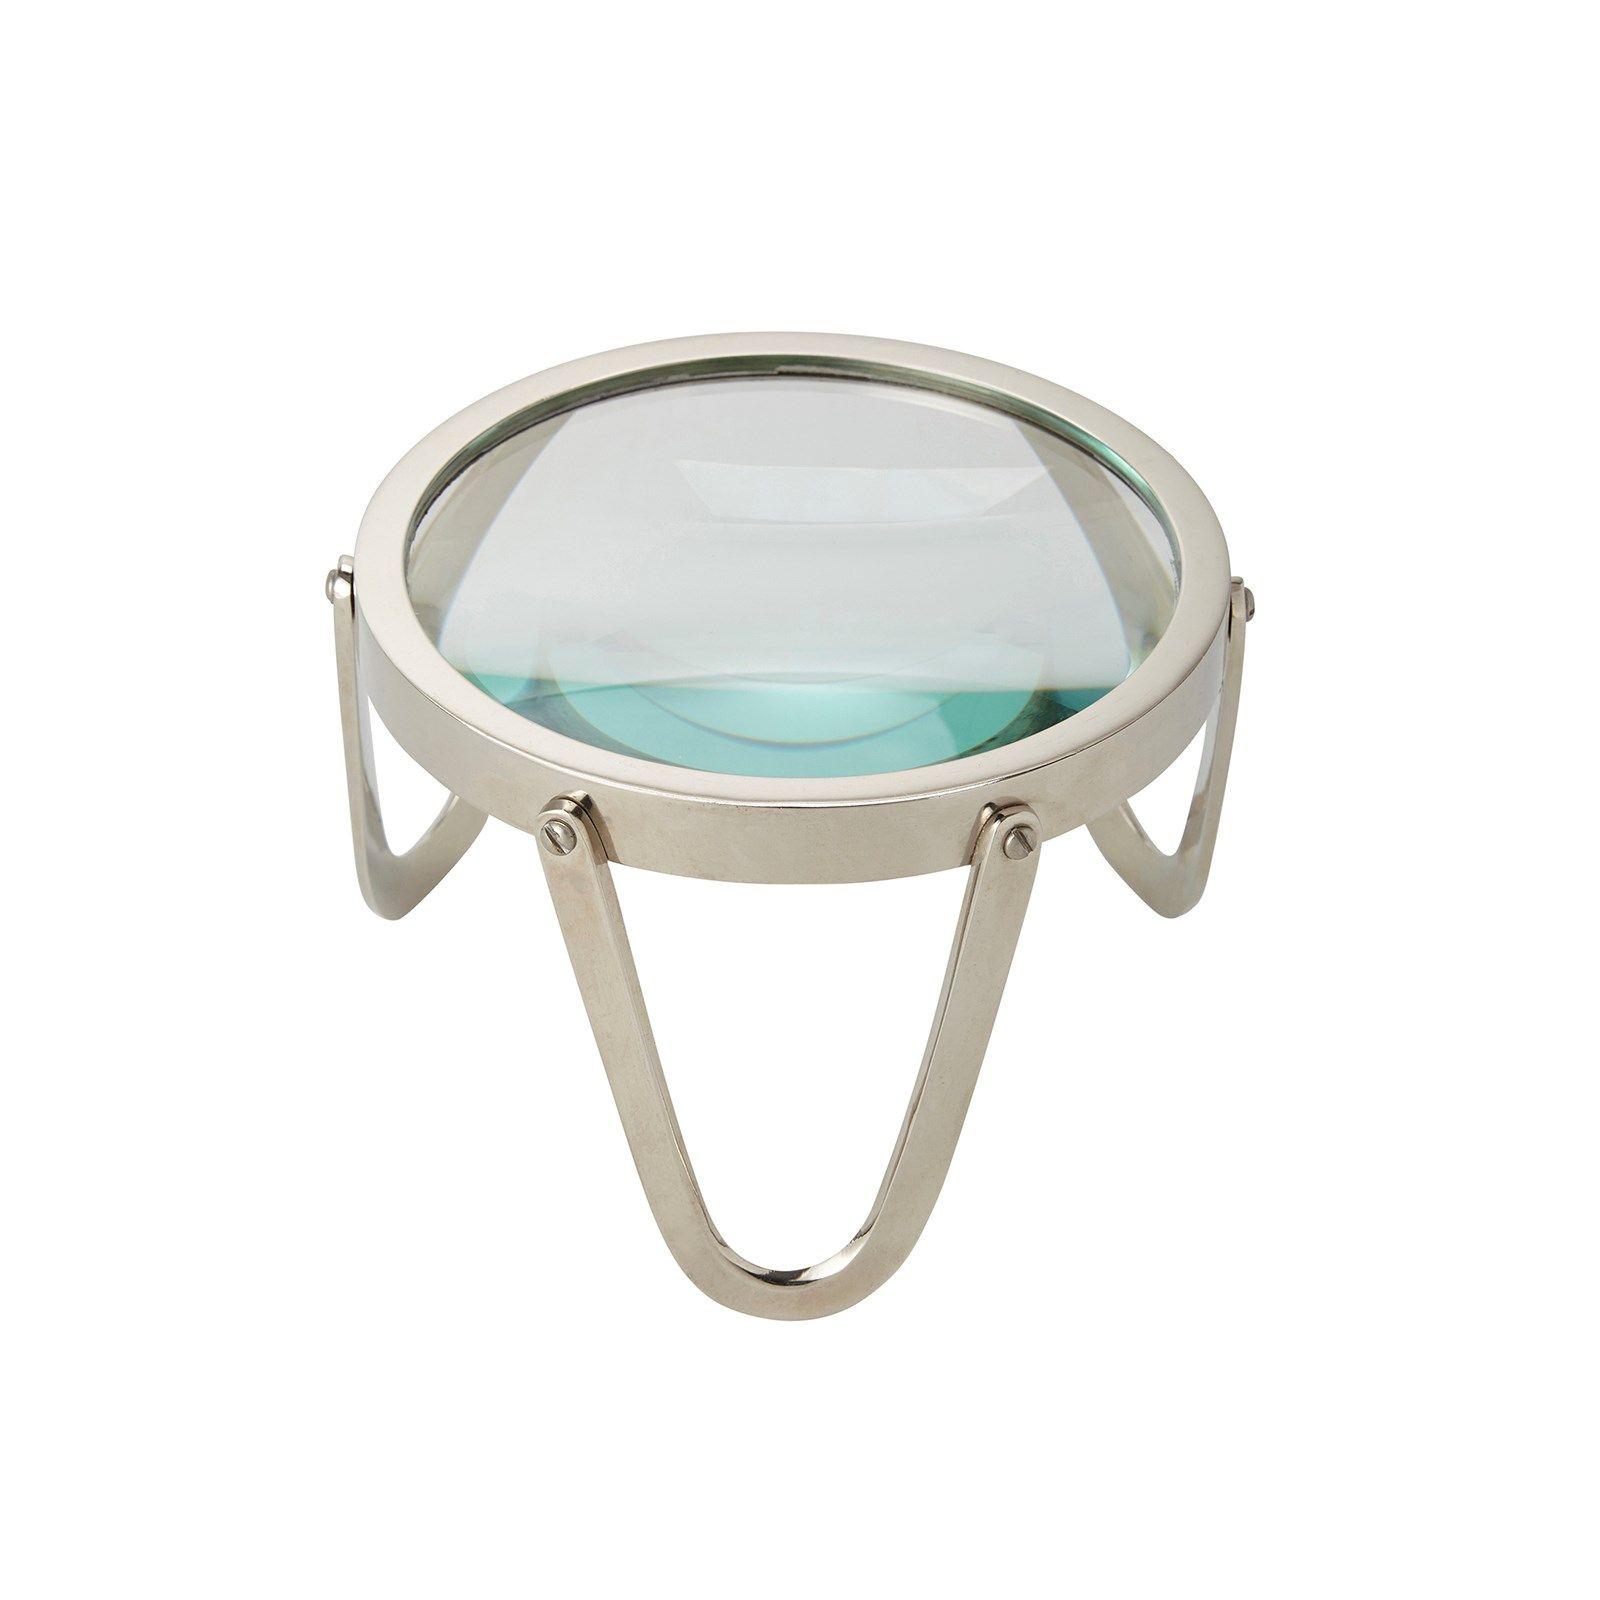 Idgar Standing Magnifier | Nickel